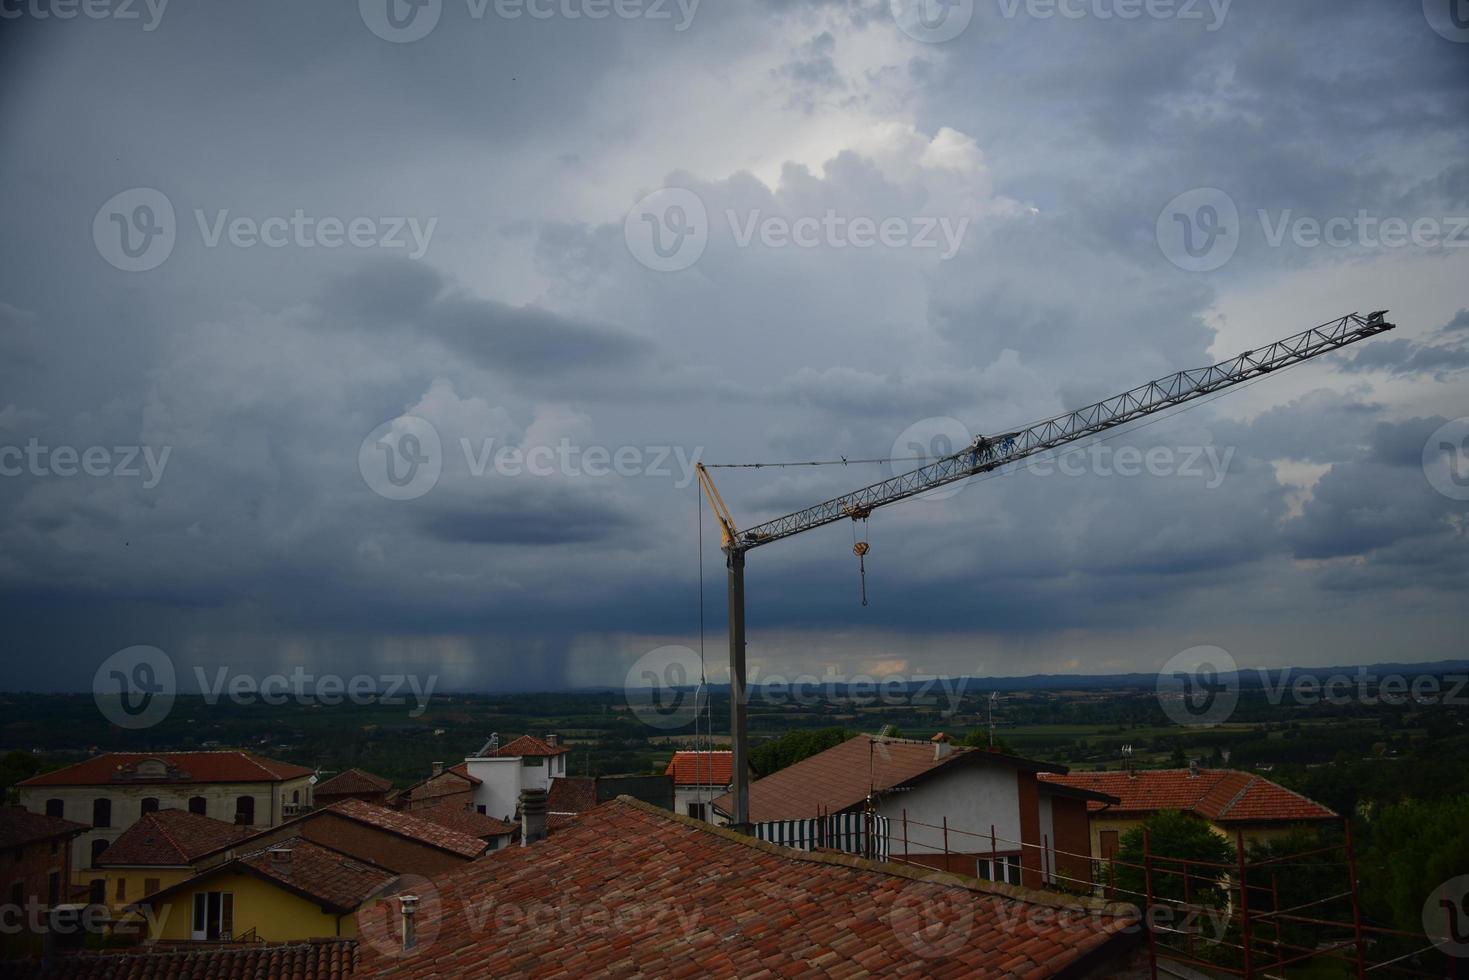 antes da chuva, bruno, itália foto